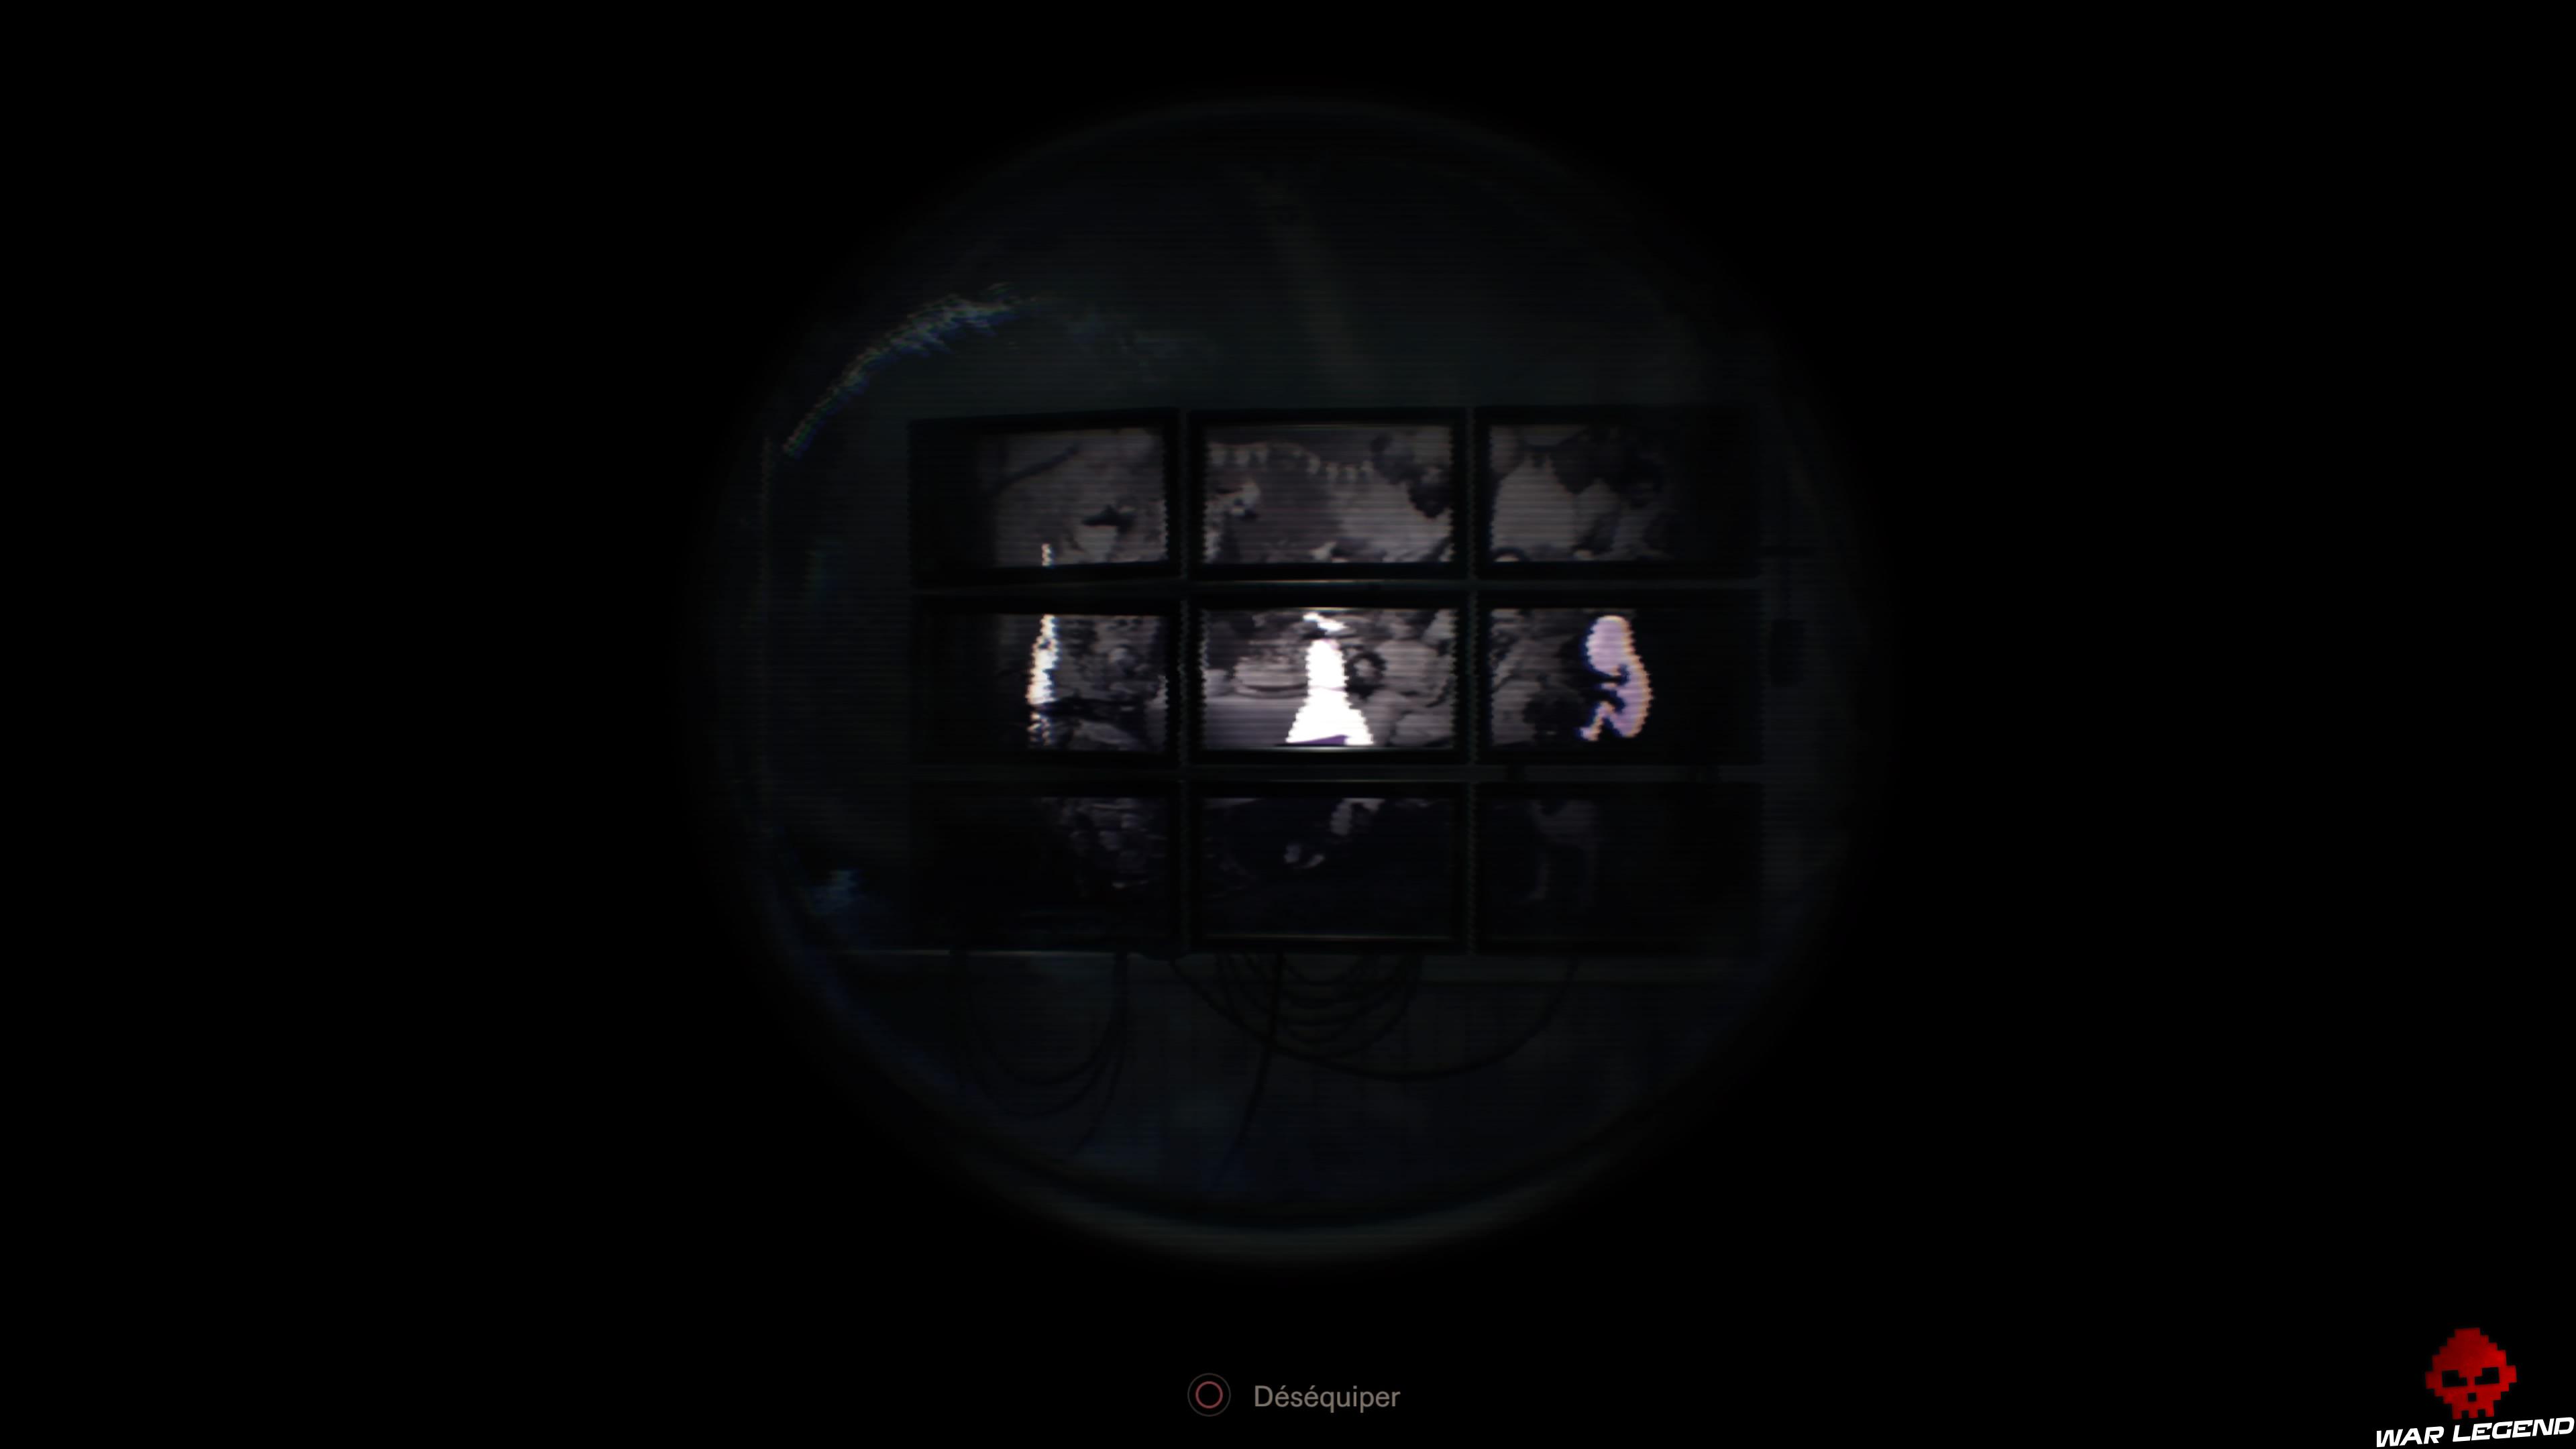 Guide des trophées Resident Evil 7 Biohazard écrans code secret